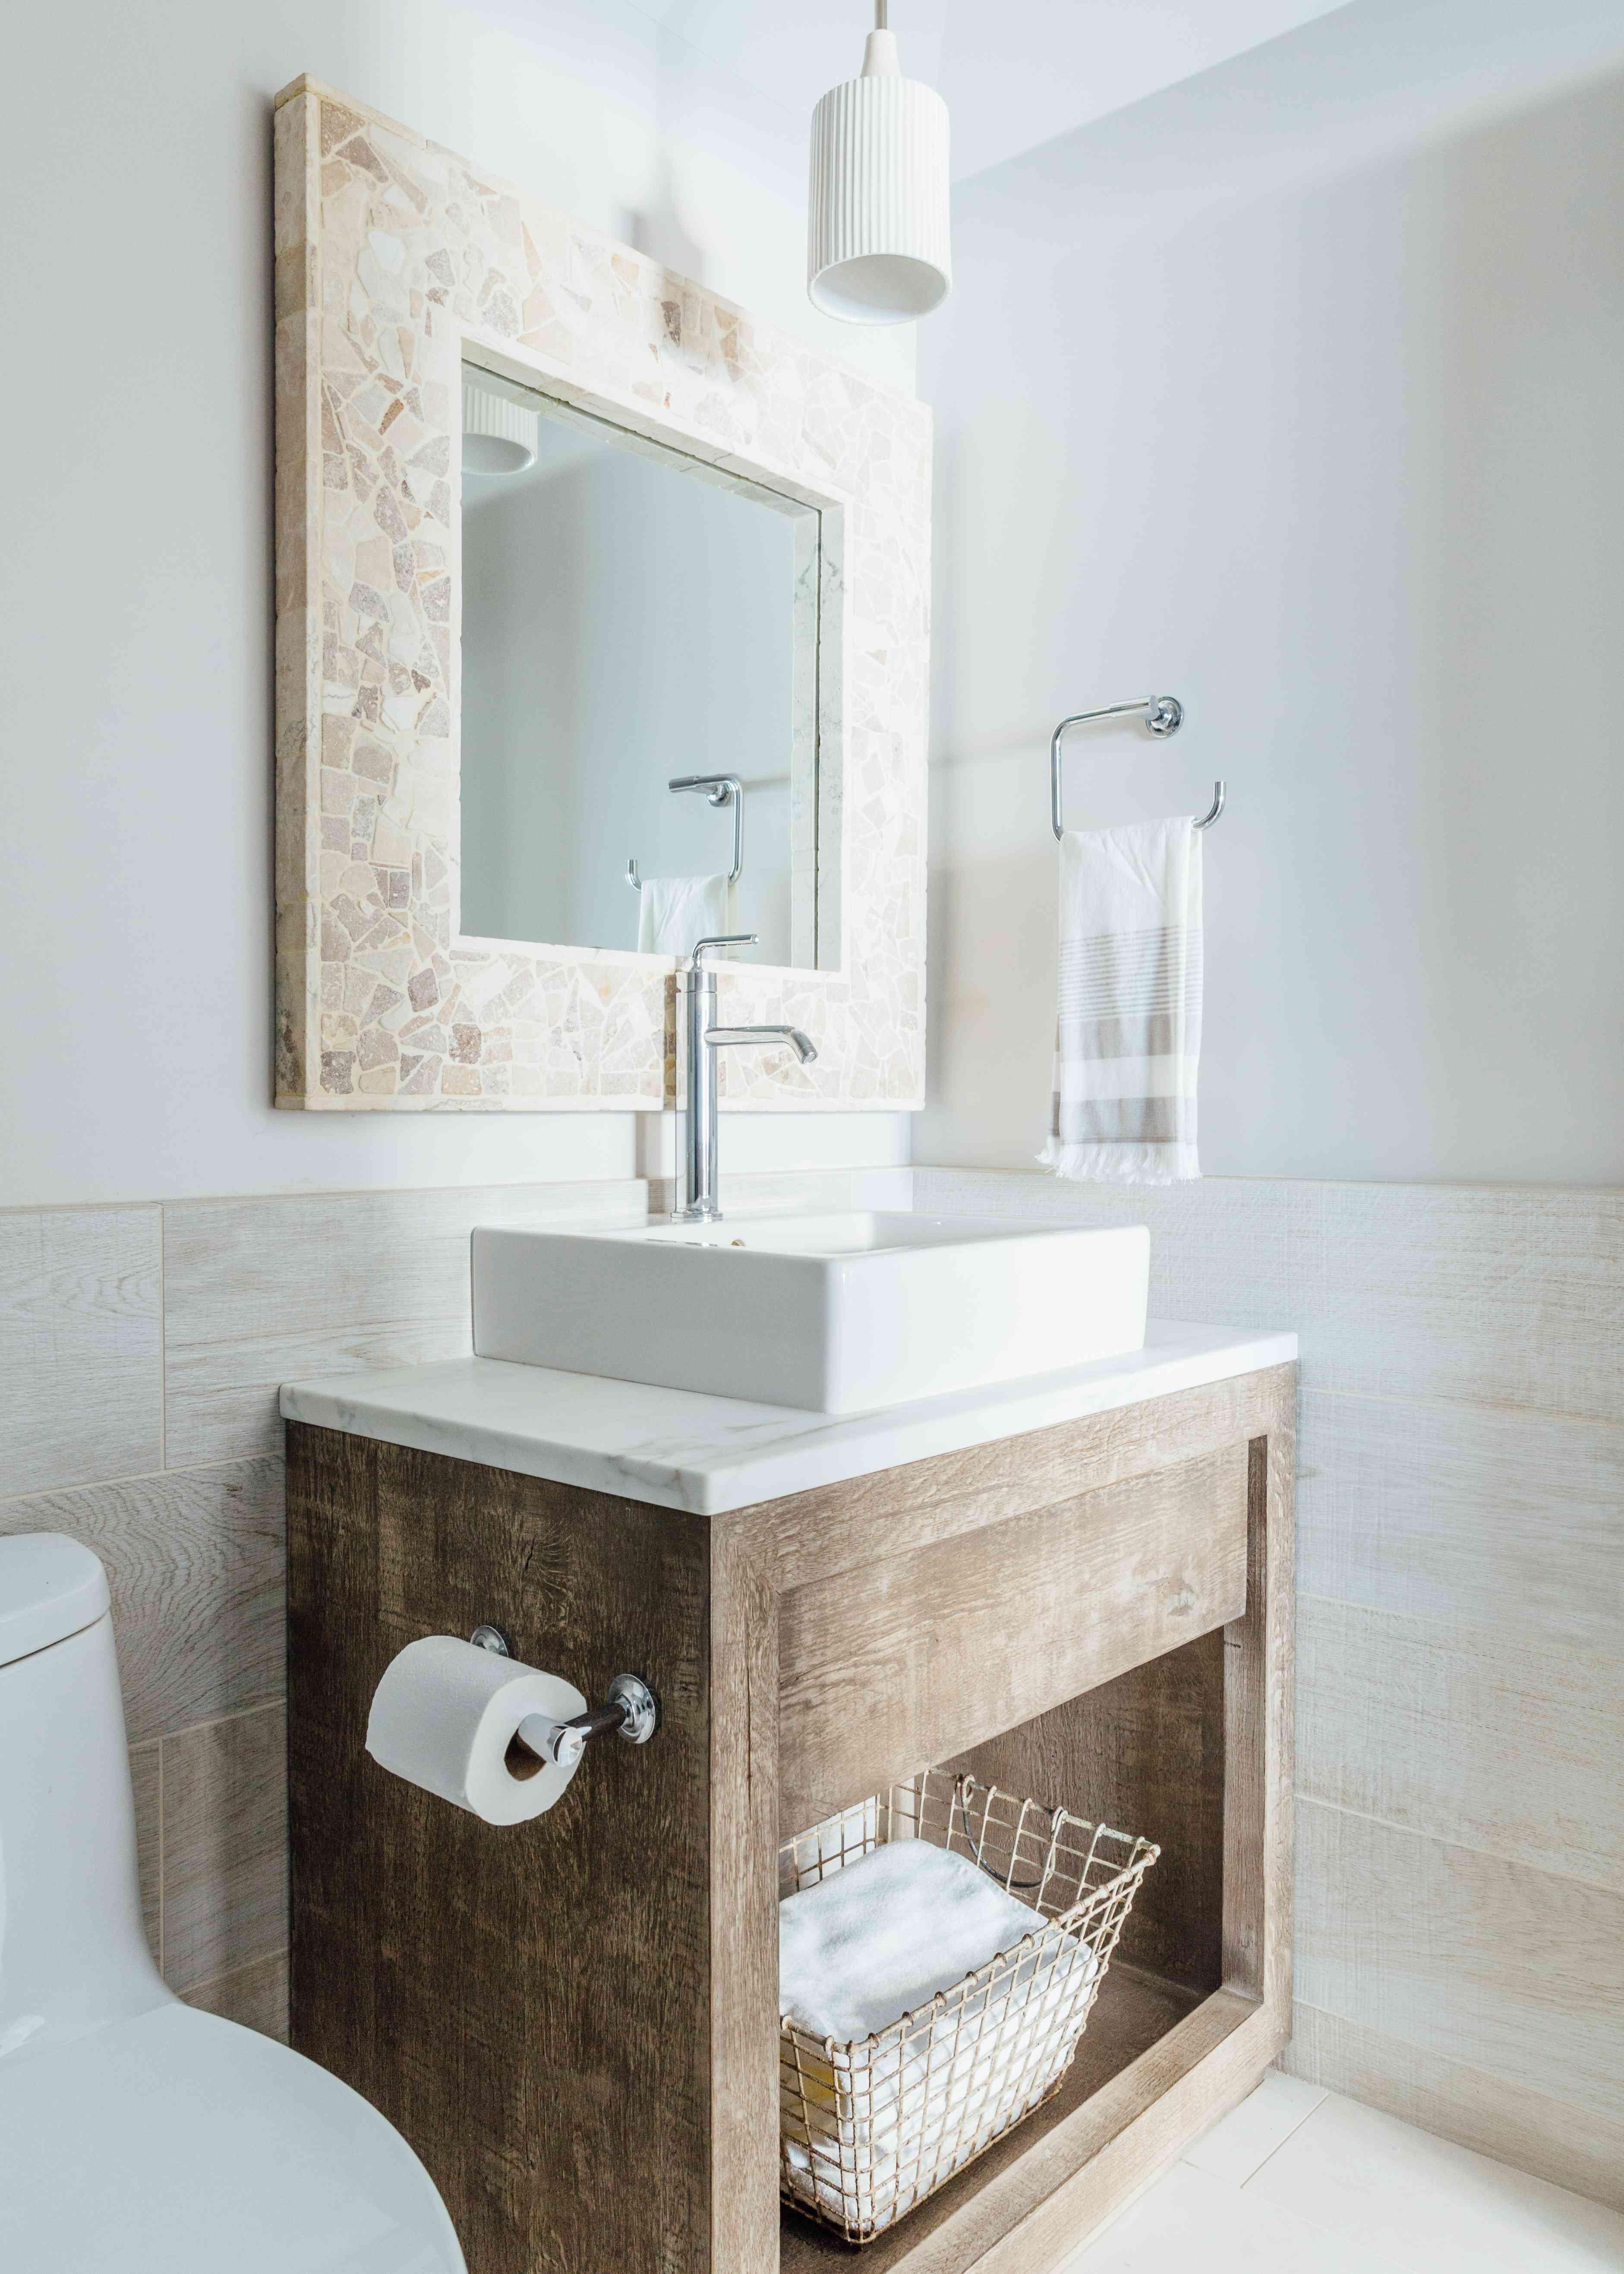 Rustic vanity in bathroom